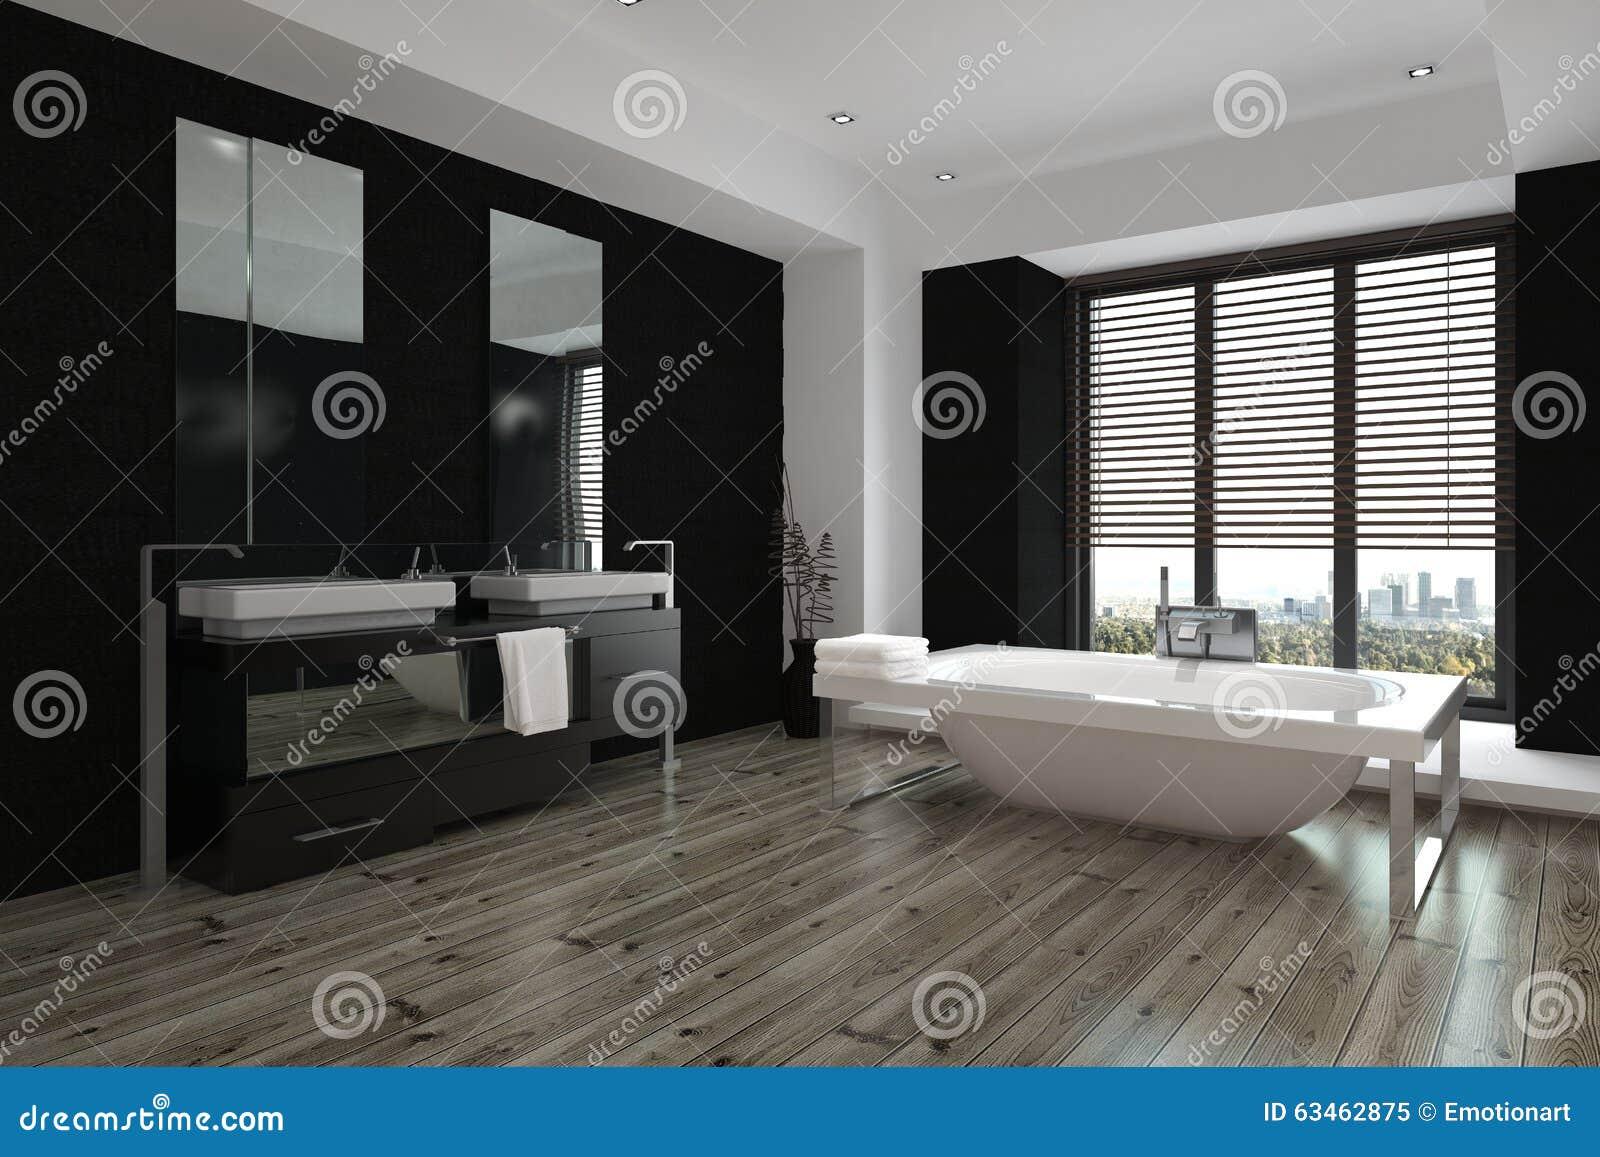 Interno In Bianco E Nero Moderno Spazioso Del Bagno Immagine Stock - Immagine: 63462875